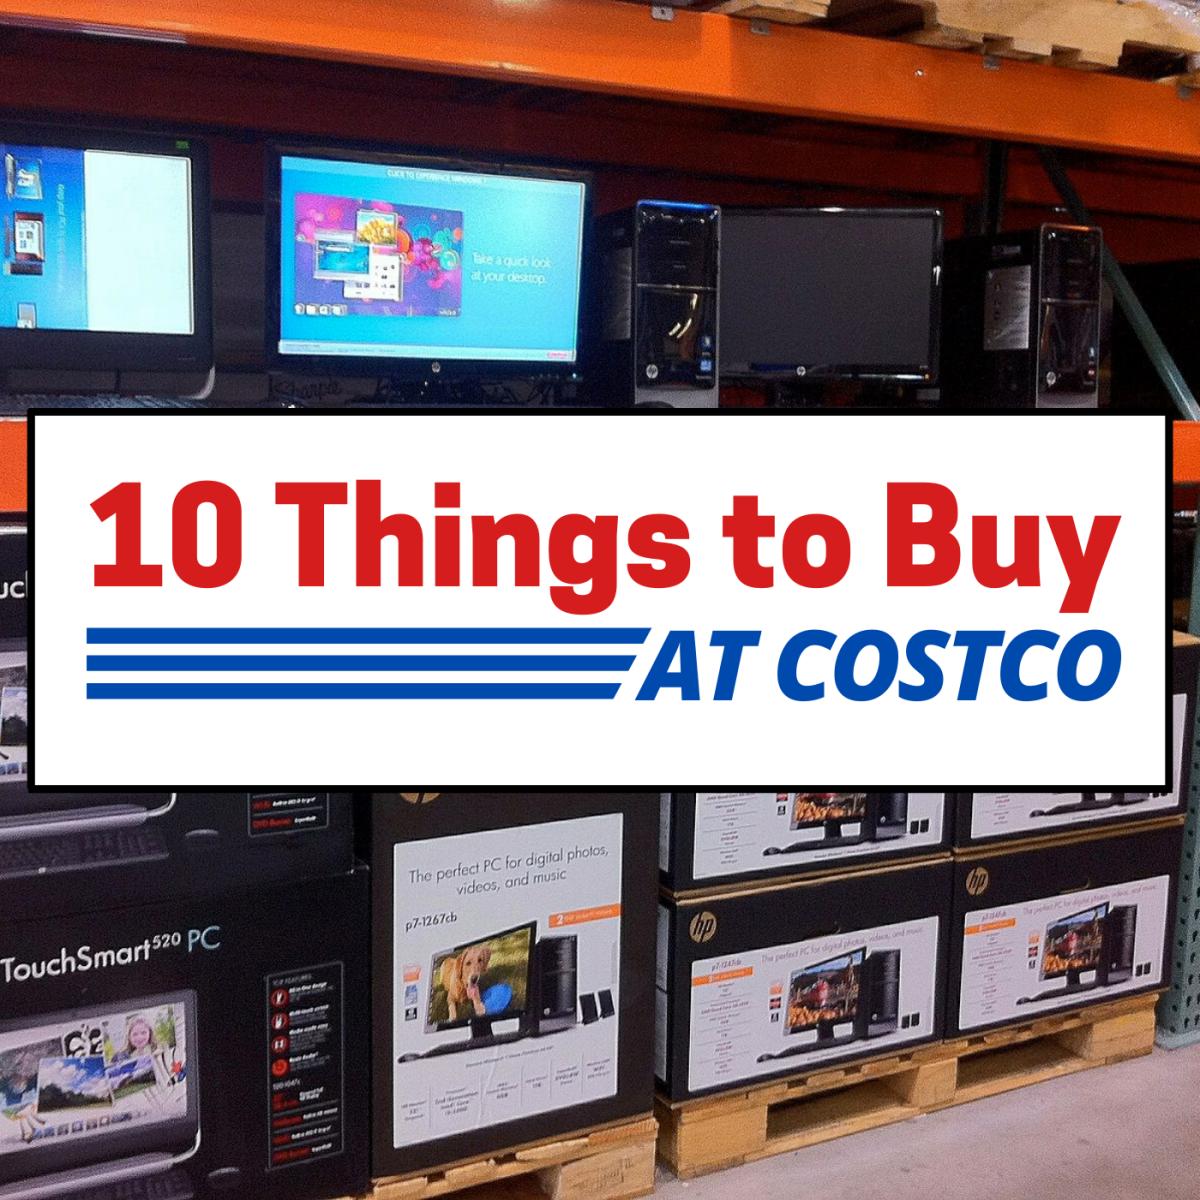 许多人在Costco的仓库购买省钱,但与典型的零售商相比,哪些产品实际上提供了最优惠的价格?